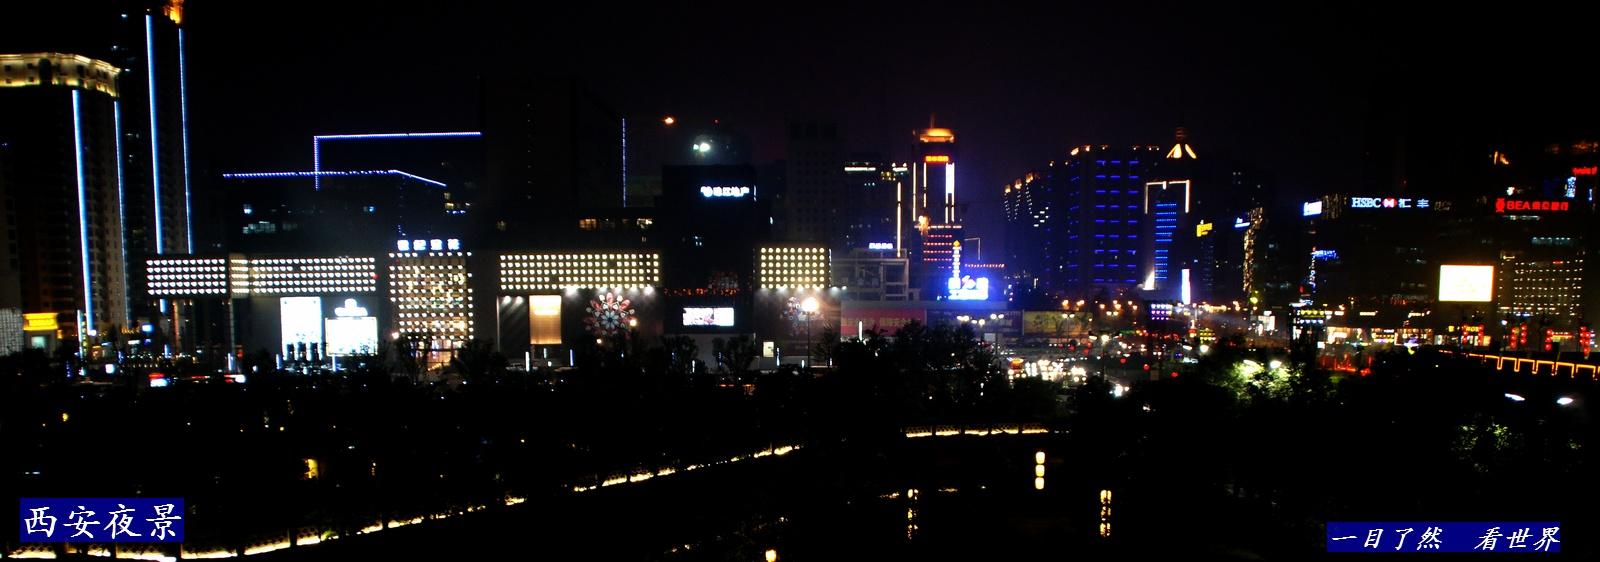 西安夜景-018-1600.jpg